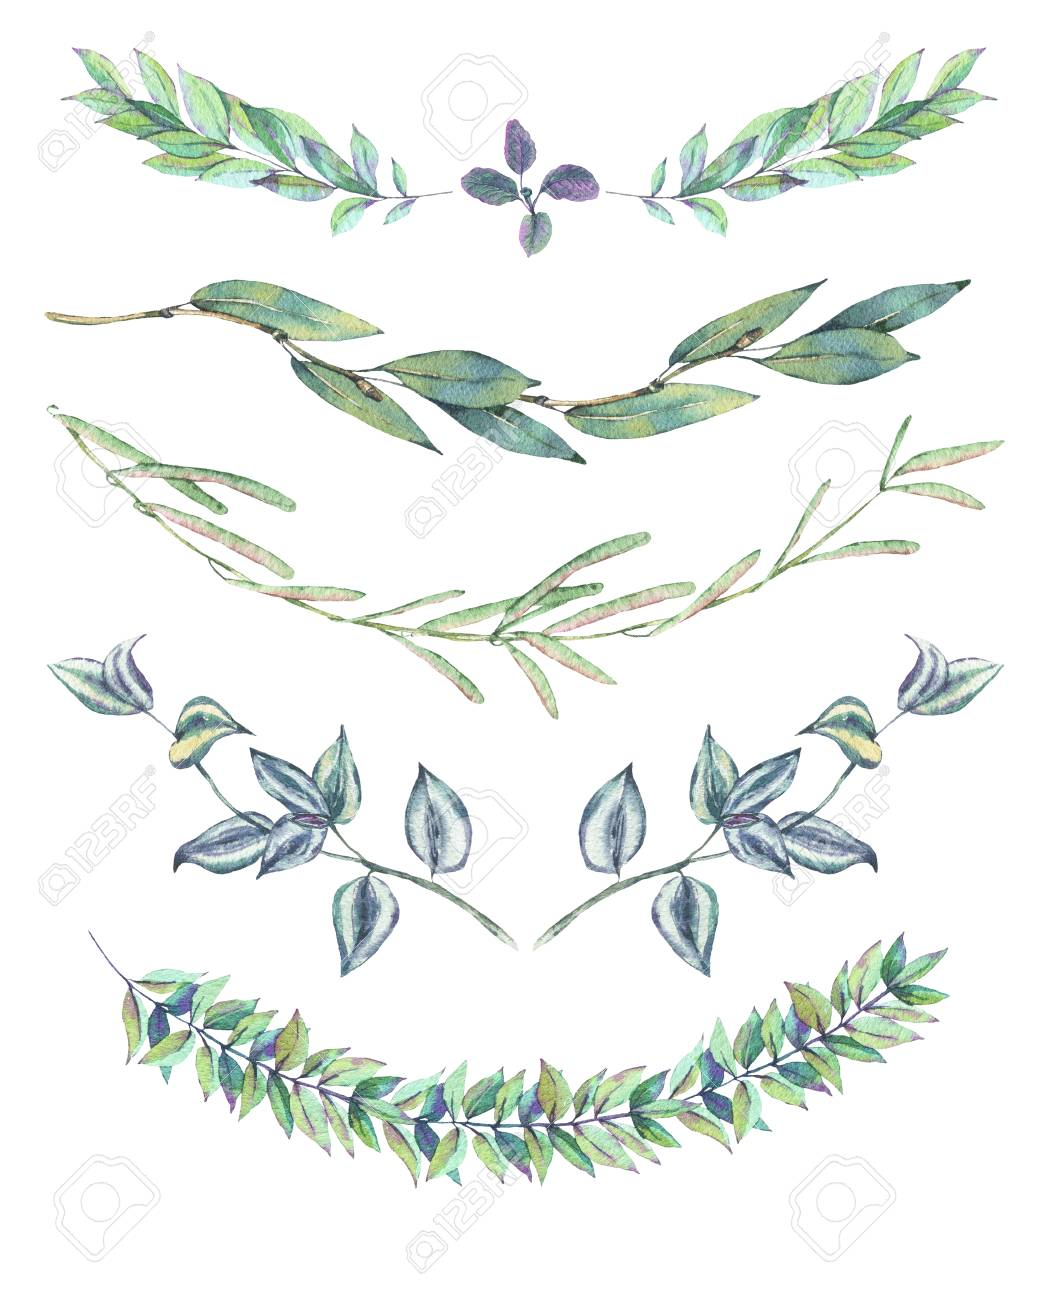 セットの葉の花輪 水彩ビンテージ ナチュラル リースや白い背景に分離